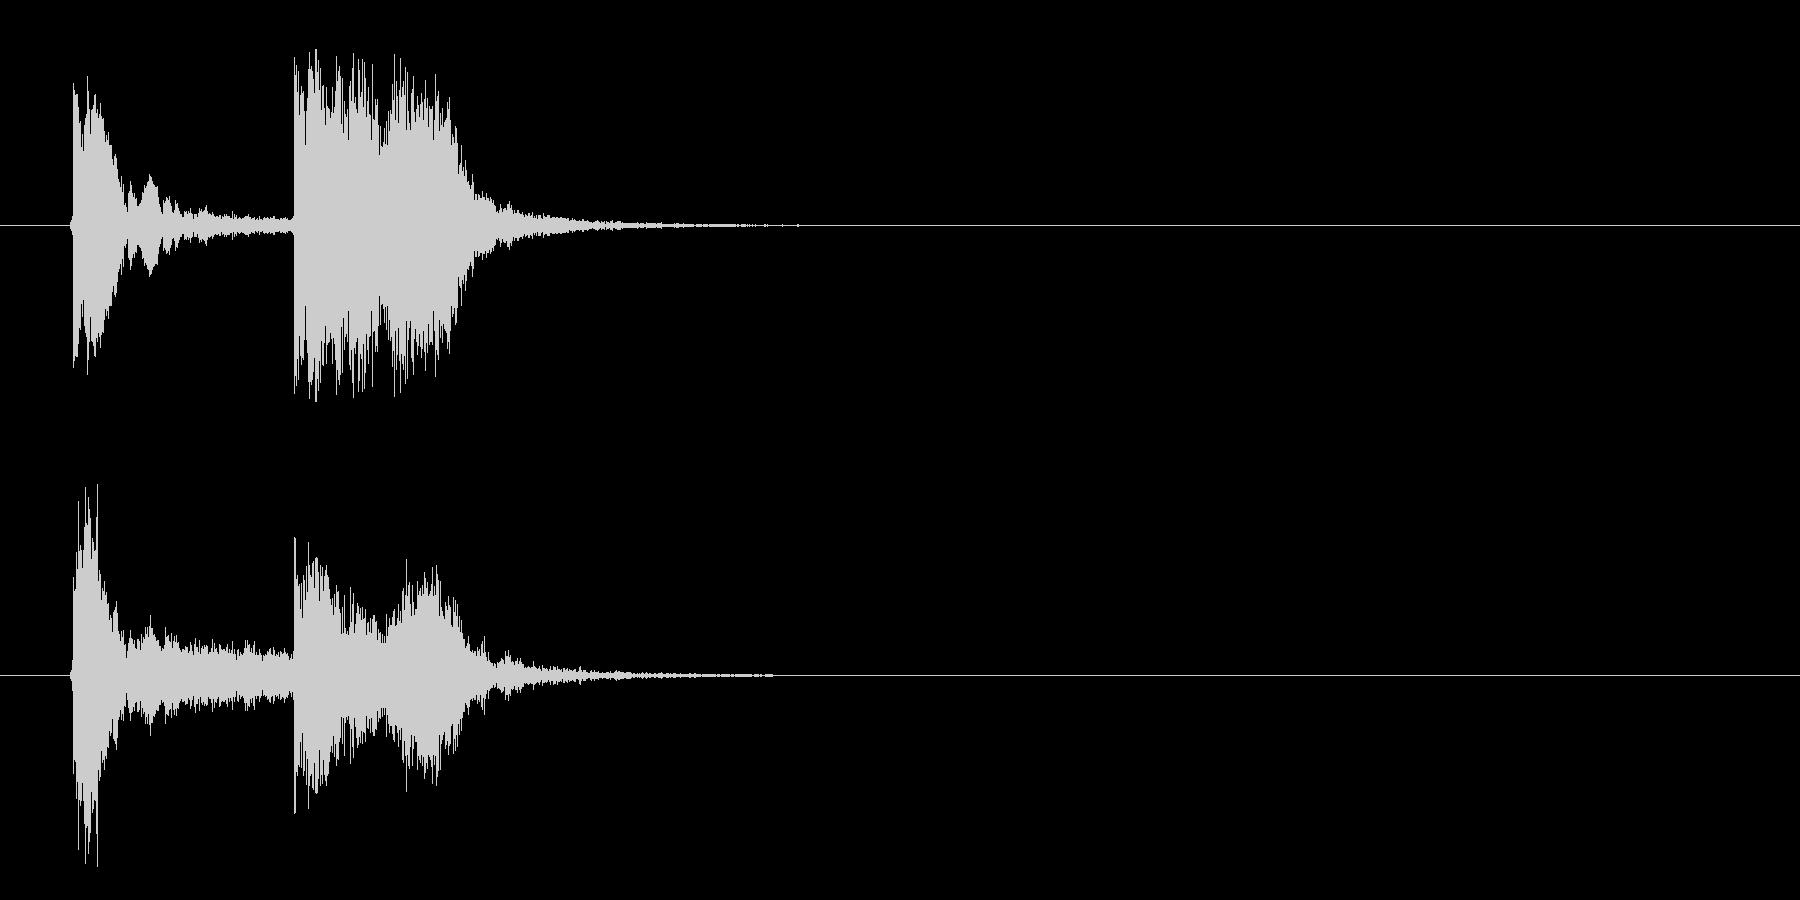 近未来的なテクノポップのジングル曲の未再生の波形